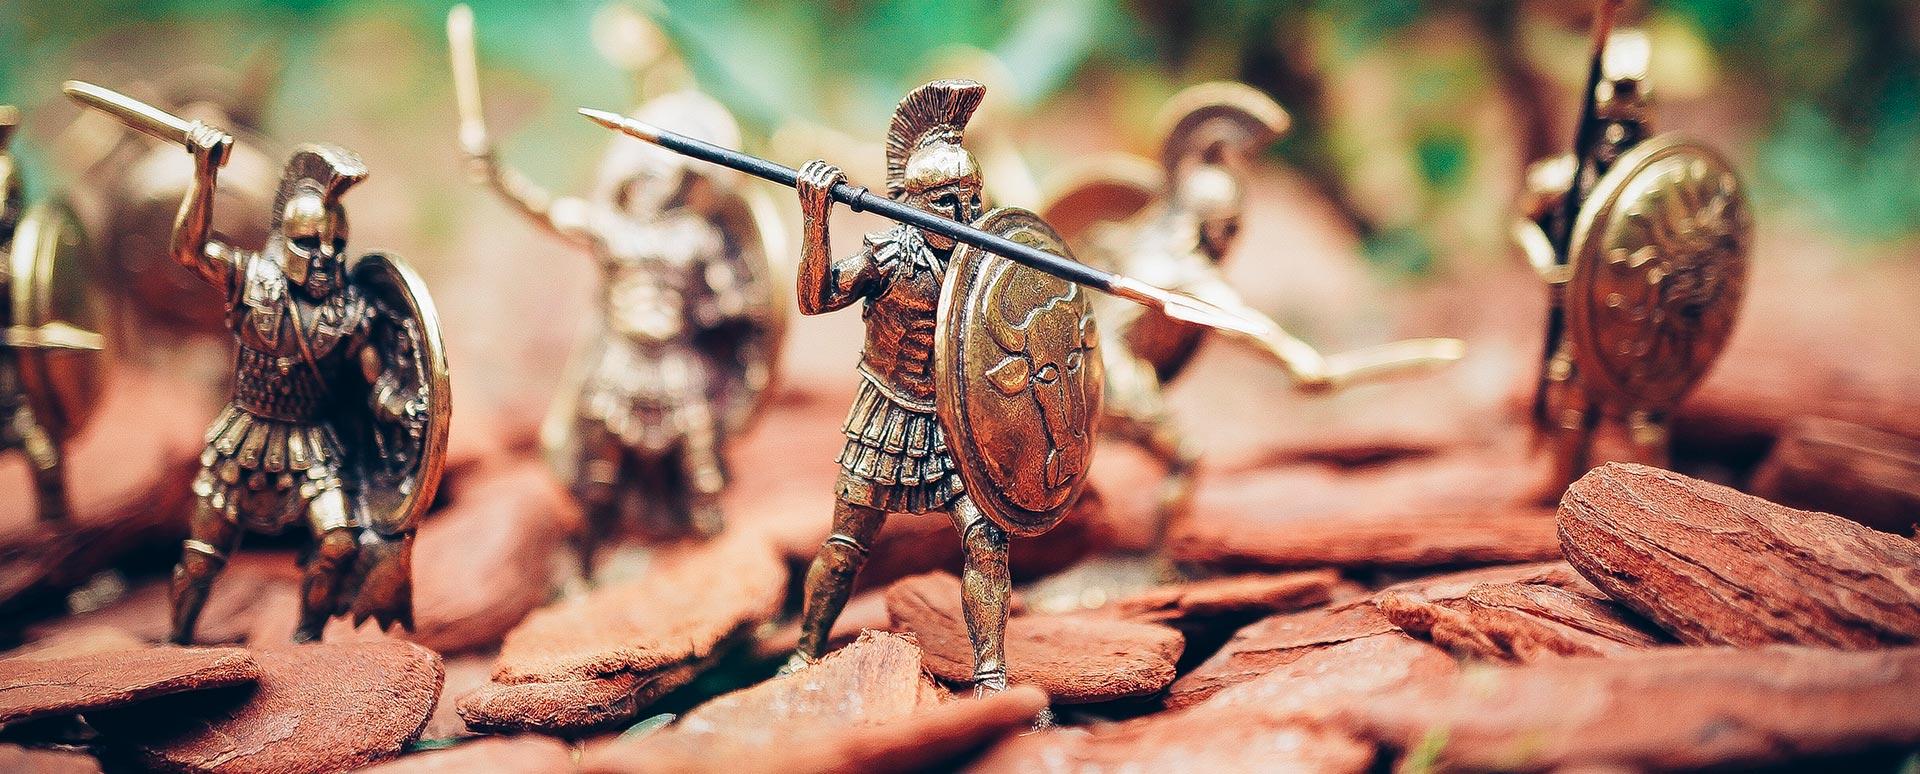 Novela Histórica - Miniaturas de soldados griegos